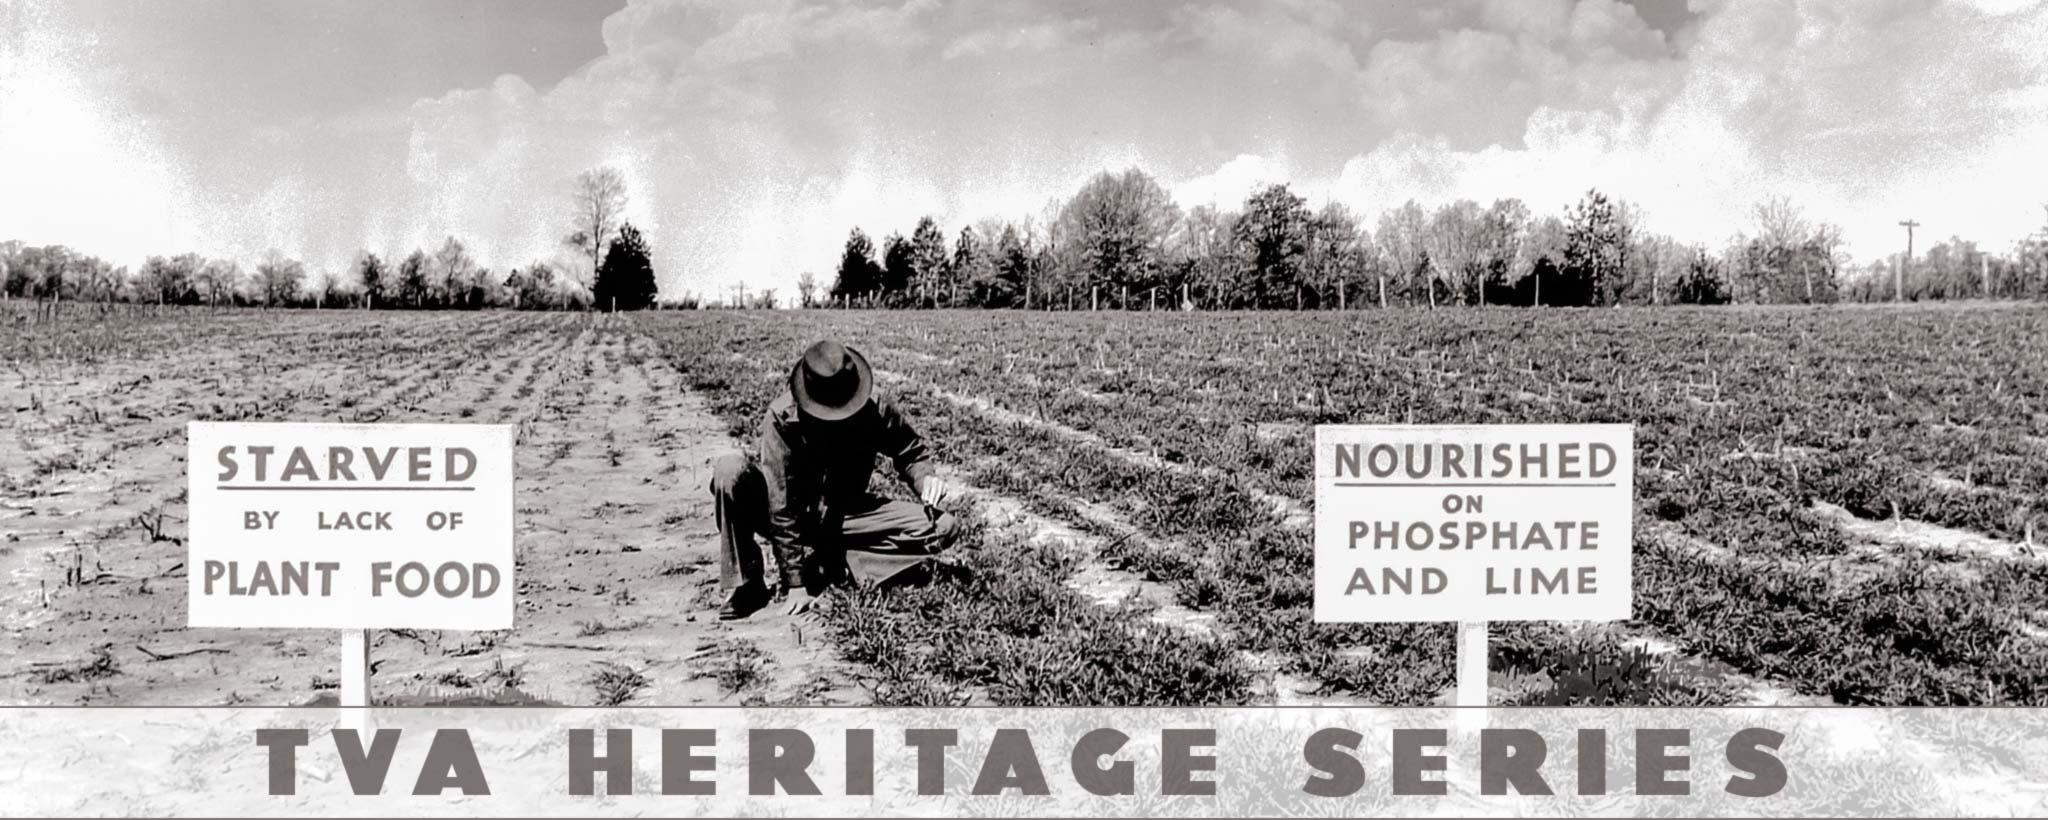 farmer in field tending plants